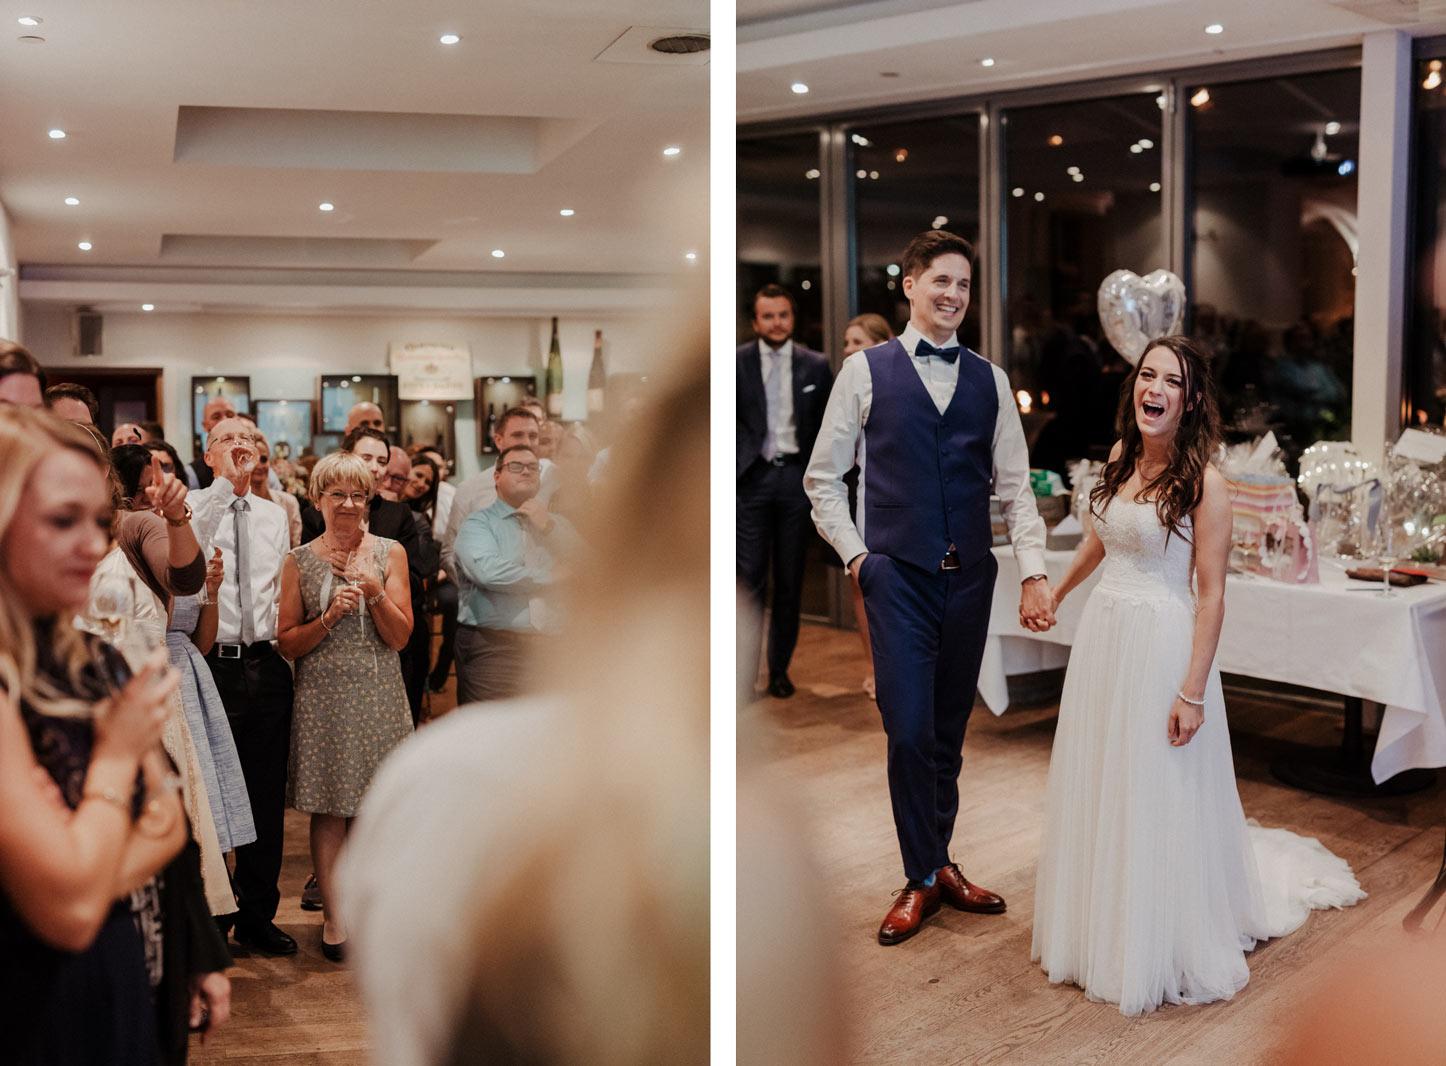 Brautpaar mit Gästen bei der Hochzeitsfeier